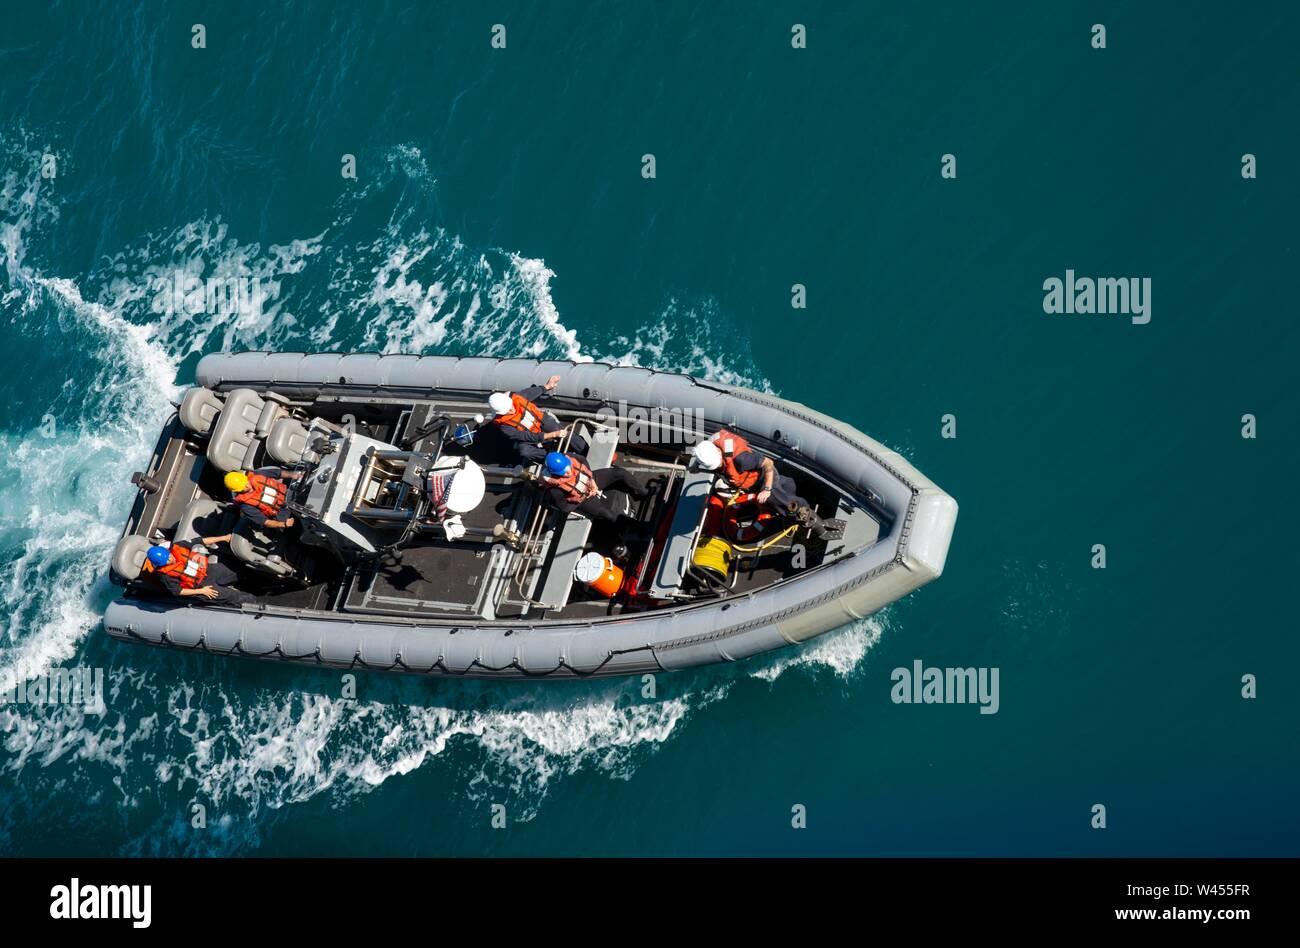 190718-N-DX072-1271 STANAGE Bay, Australia (18 de julio de 2019) Un Rigid-Hull bote hinchable (RHIB) se aproxima al dock buque anfibio de transporte USS Green Bay (LPD 20) para la recuperación. Green Bay, parte del Grupo de ataque expedicionario Wasp, iniciado con la 31ª Unidad Expedicionaria de la Marina, está participando actualmente en Talisman Sabre 2019 frente a las costas del norte de Australia. A nivel bilateral, evento bienal, Talisman Sabre está diseñado para mejorar el entrenamiento de combate de EE.UU. y Australia, la disponibilidad y la interoperabilidad a través de realistas, la capacitación pertinente necesaria para mantener la seguridad regional, la paz y la estabilidad. Foto de stock